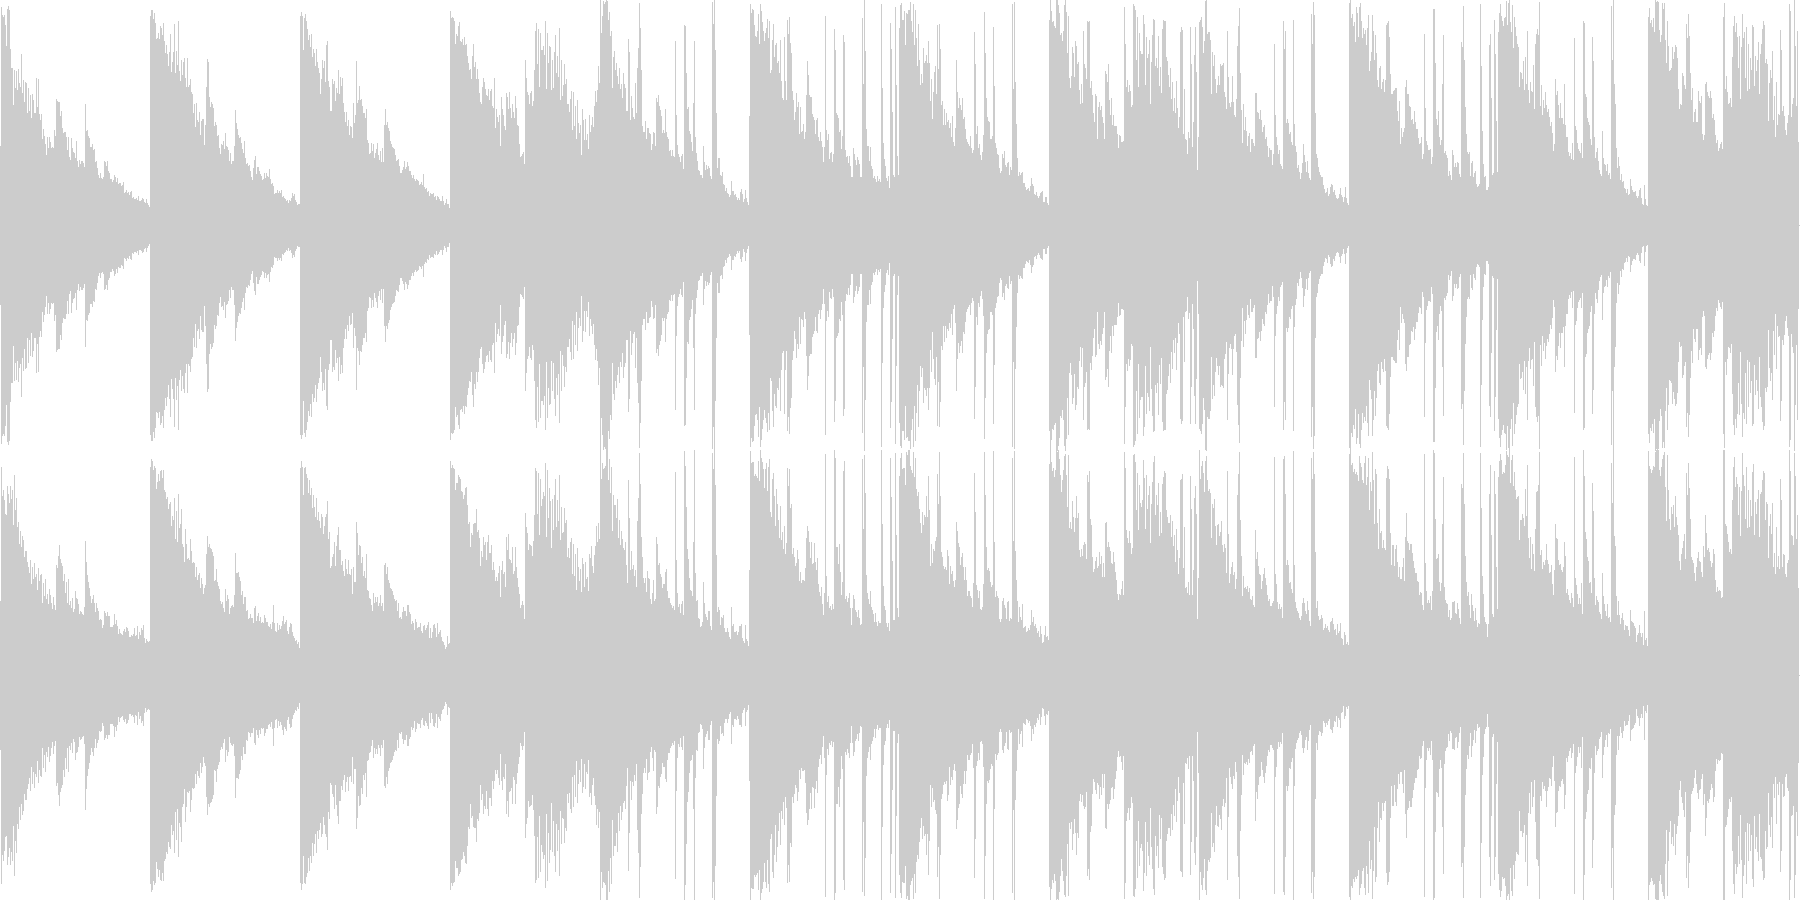 エレピ、シンセ等の切なく甘い曲の未再生の波形